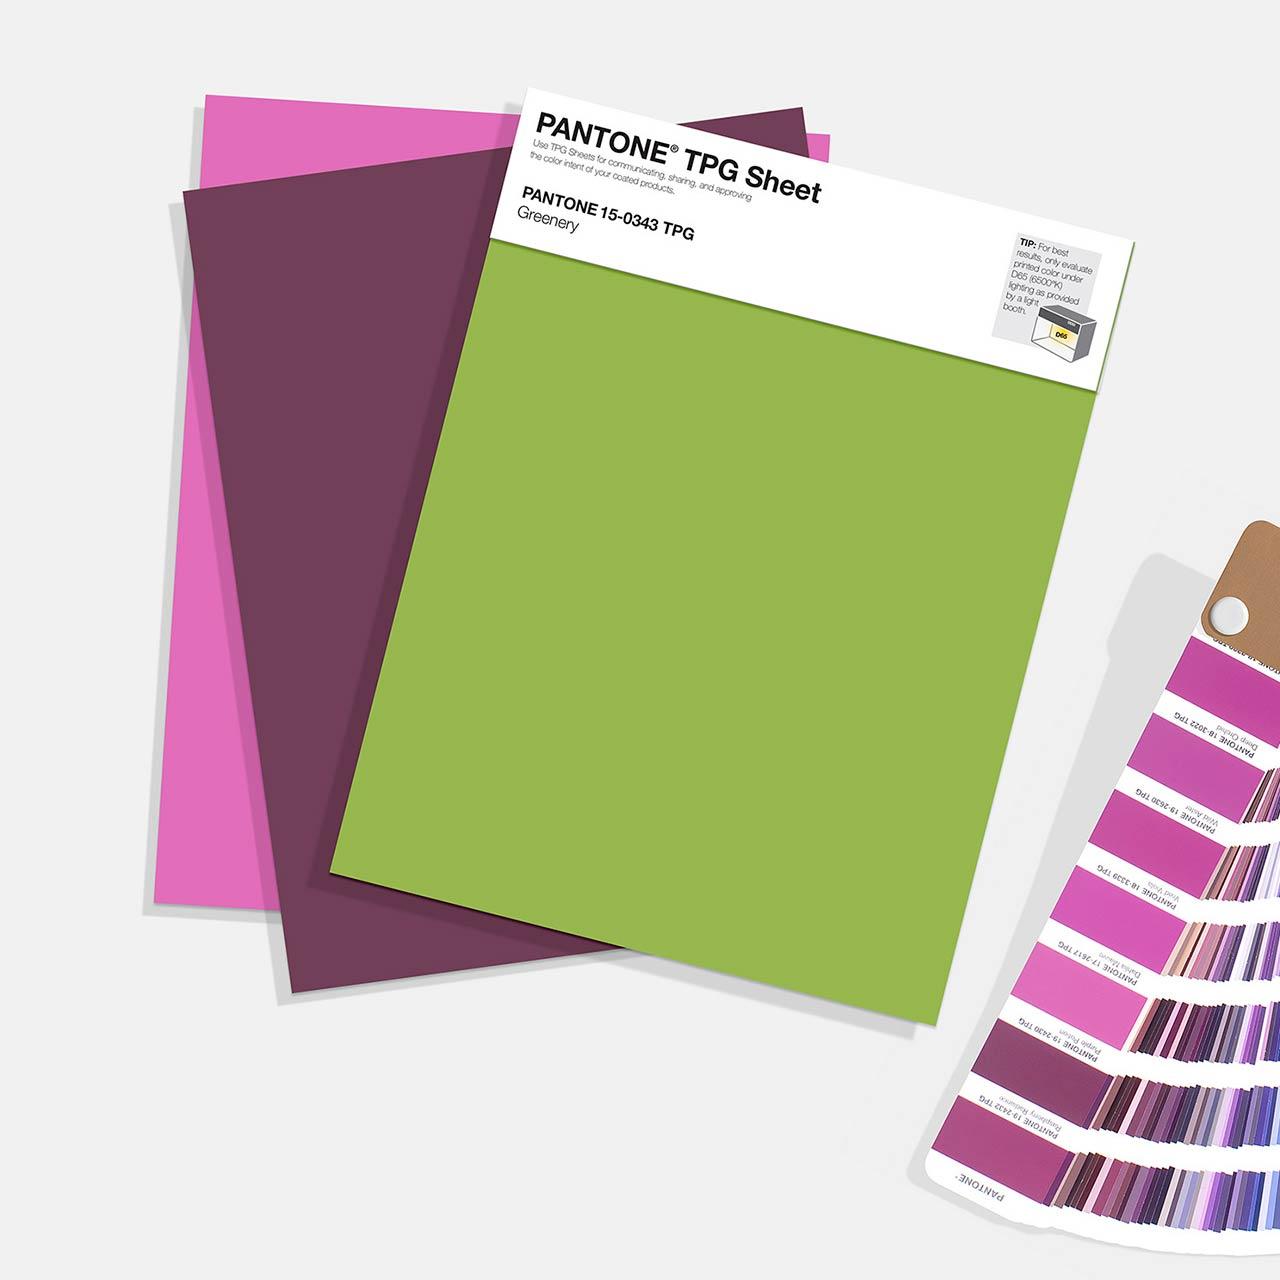 TPG Sheets - Pantone